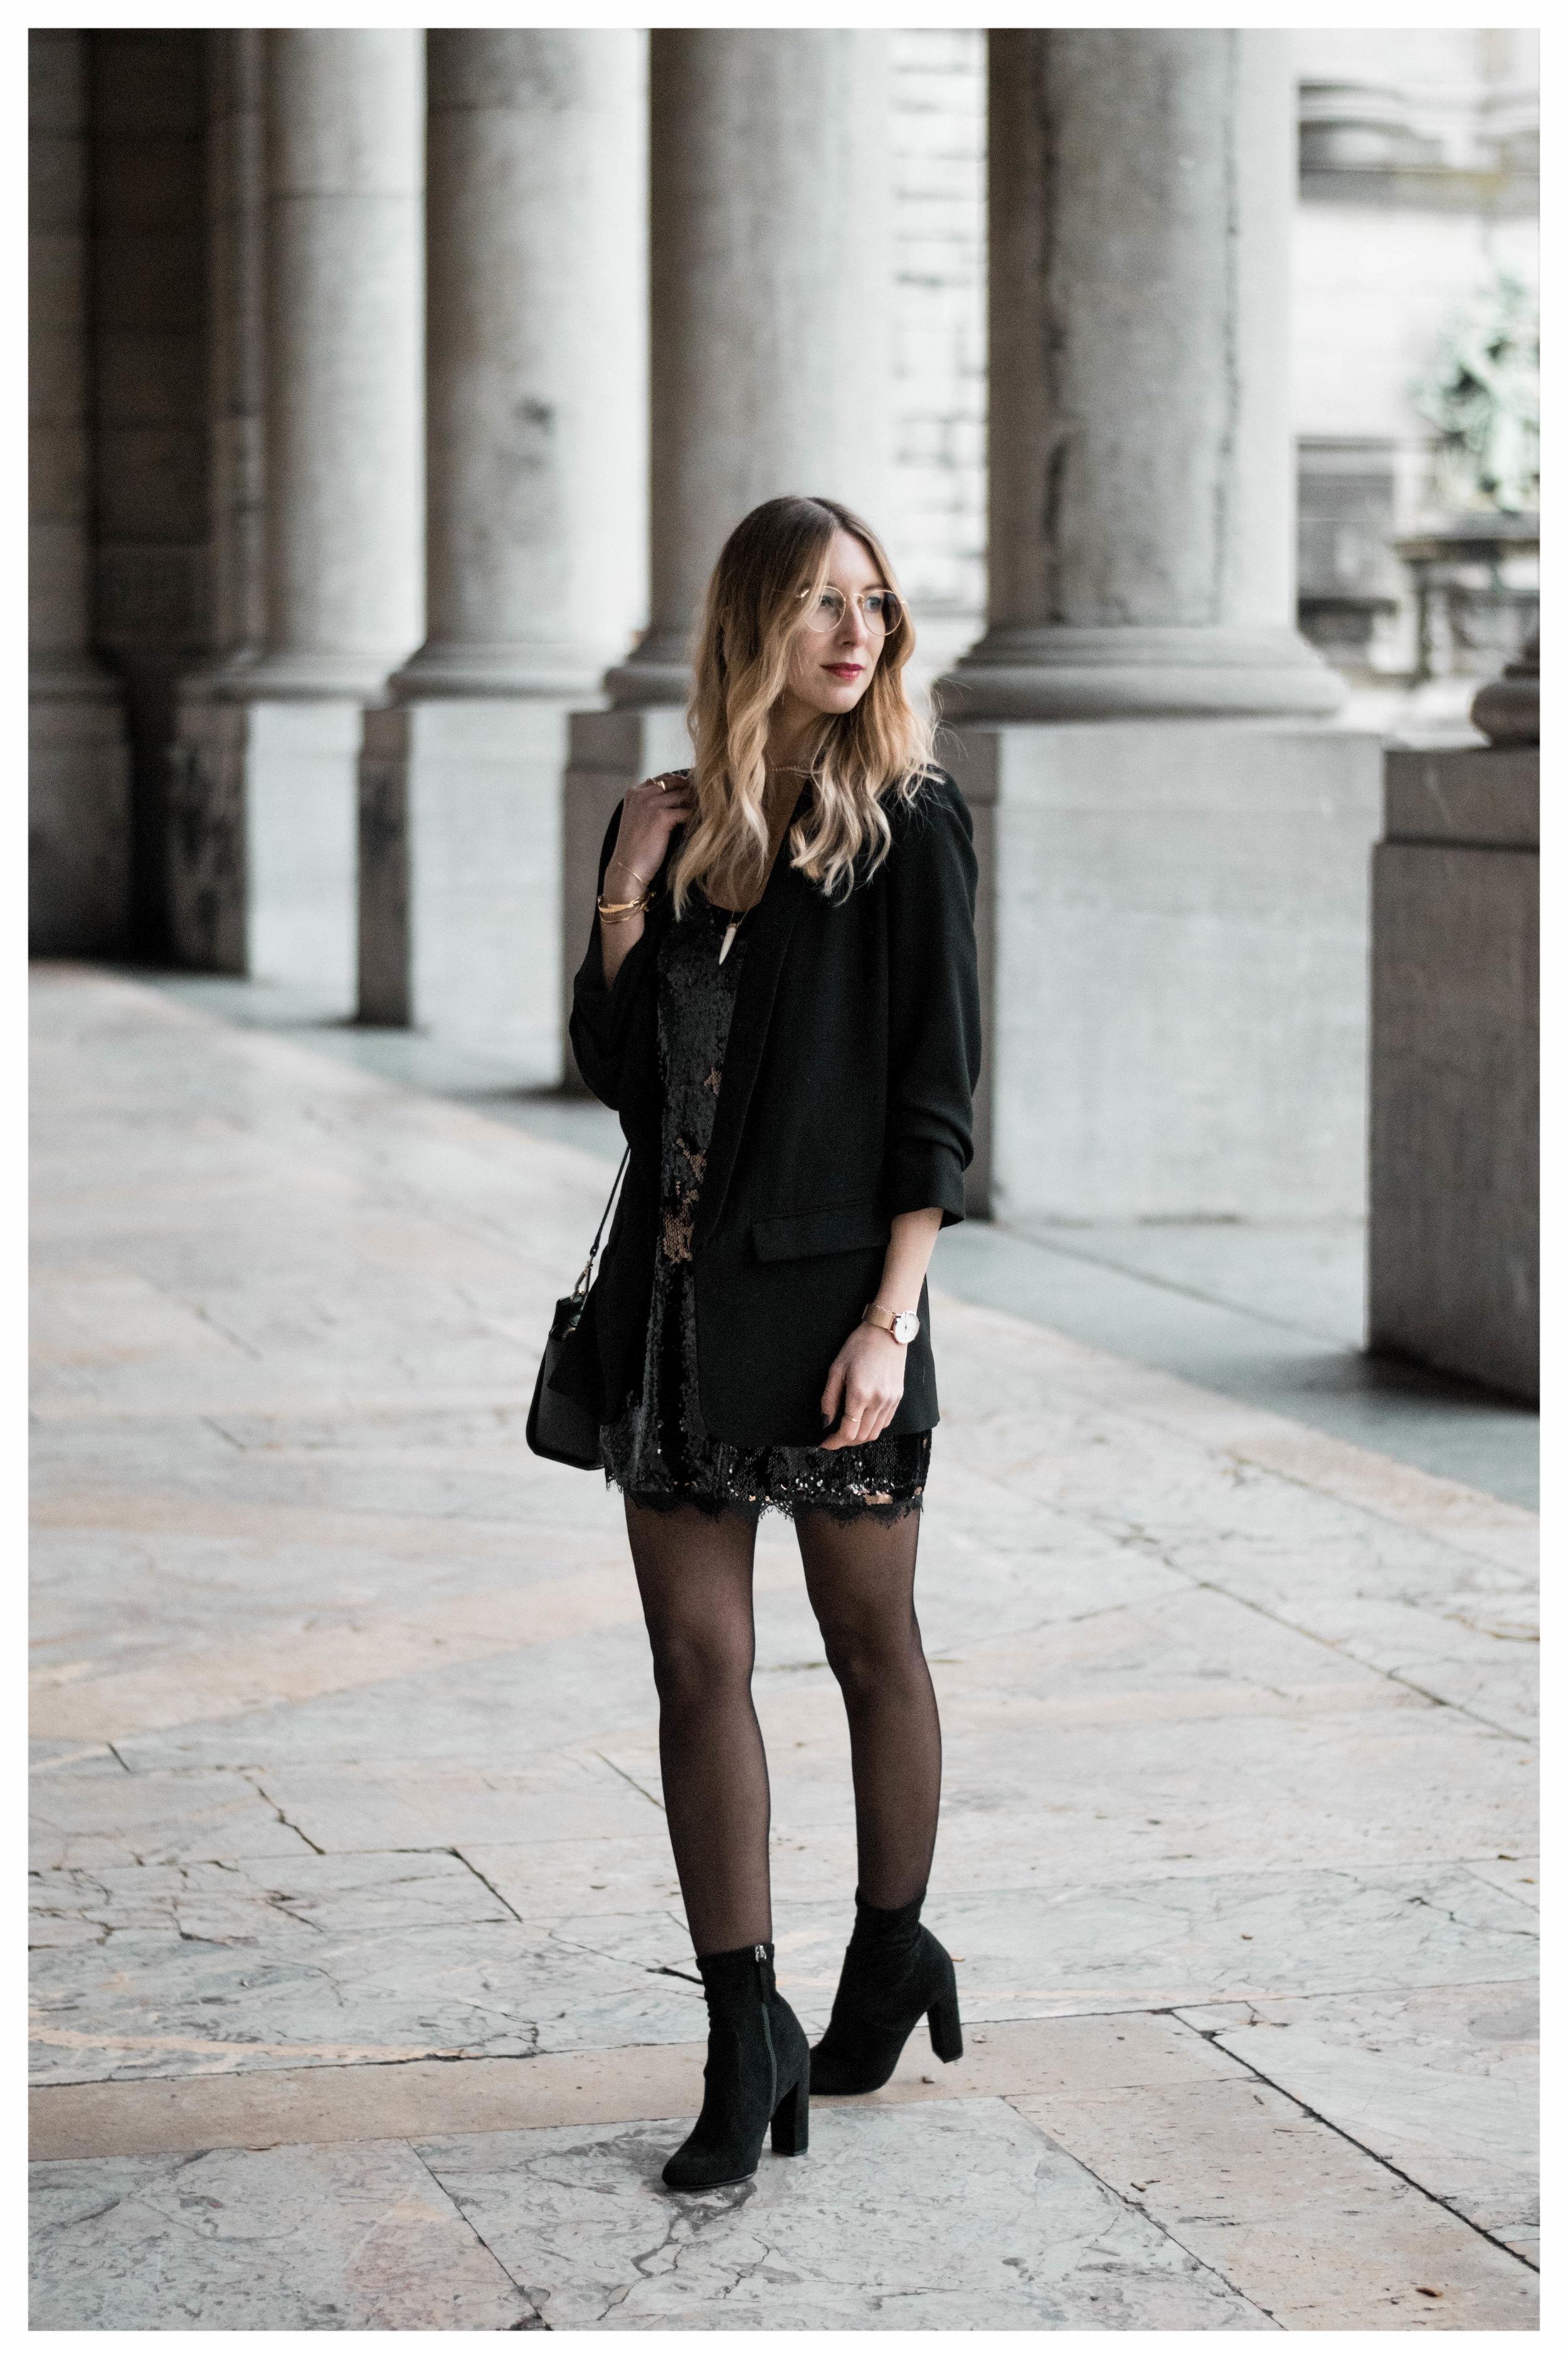 Party Dress Zalando - OSIARAH.COM (12 sur 41).jpg